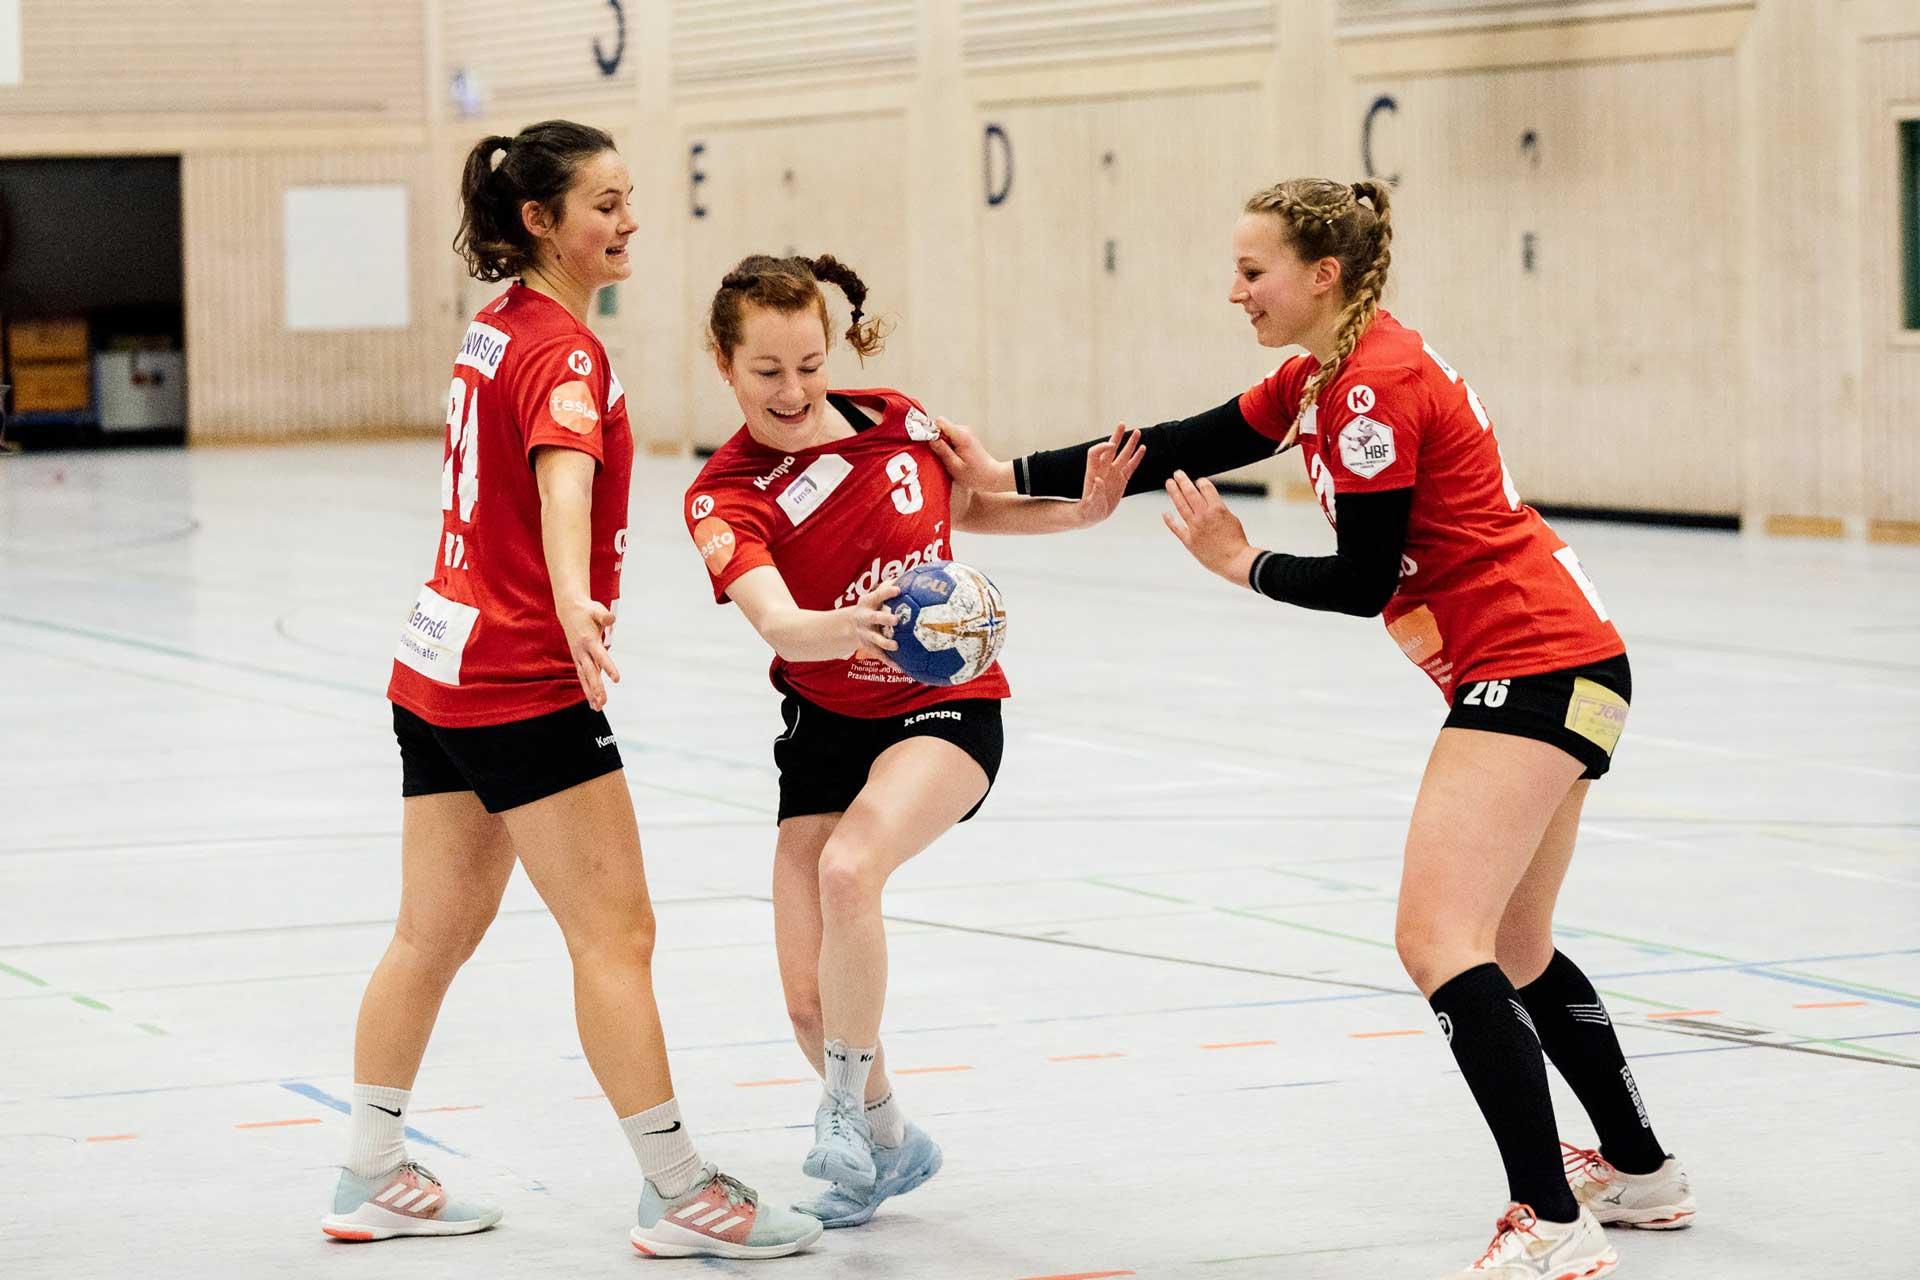 Julia Söhne in Aktion beim Handball spielen